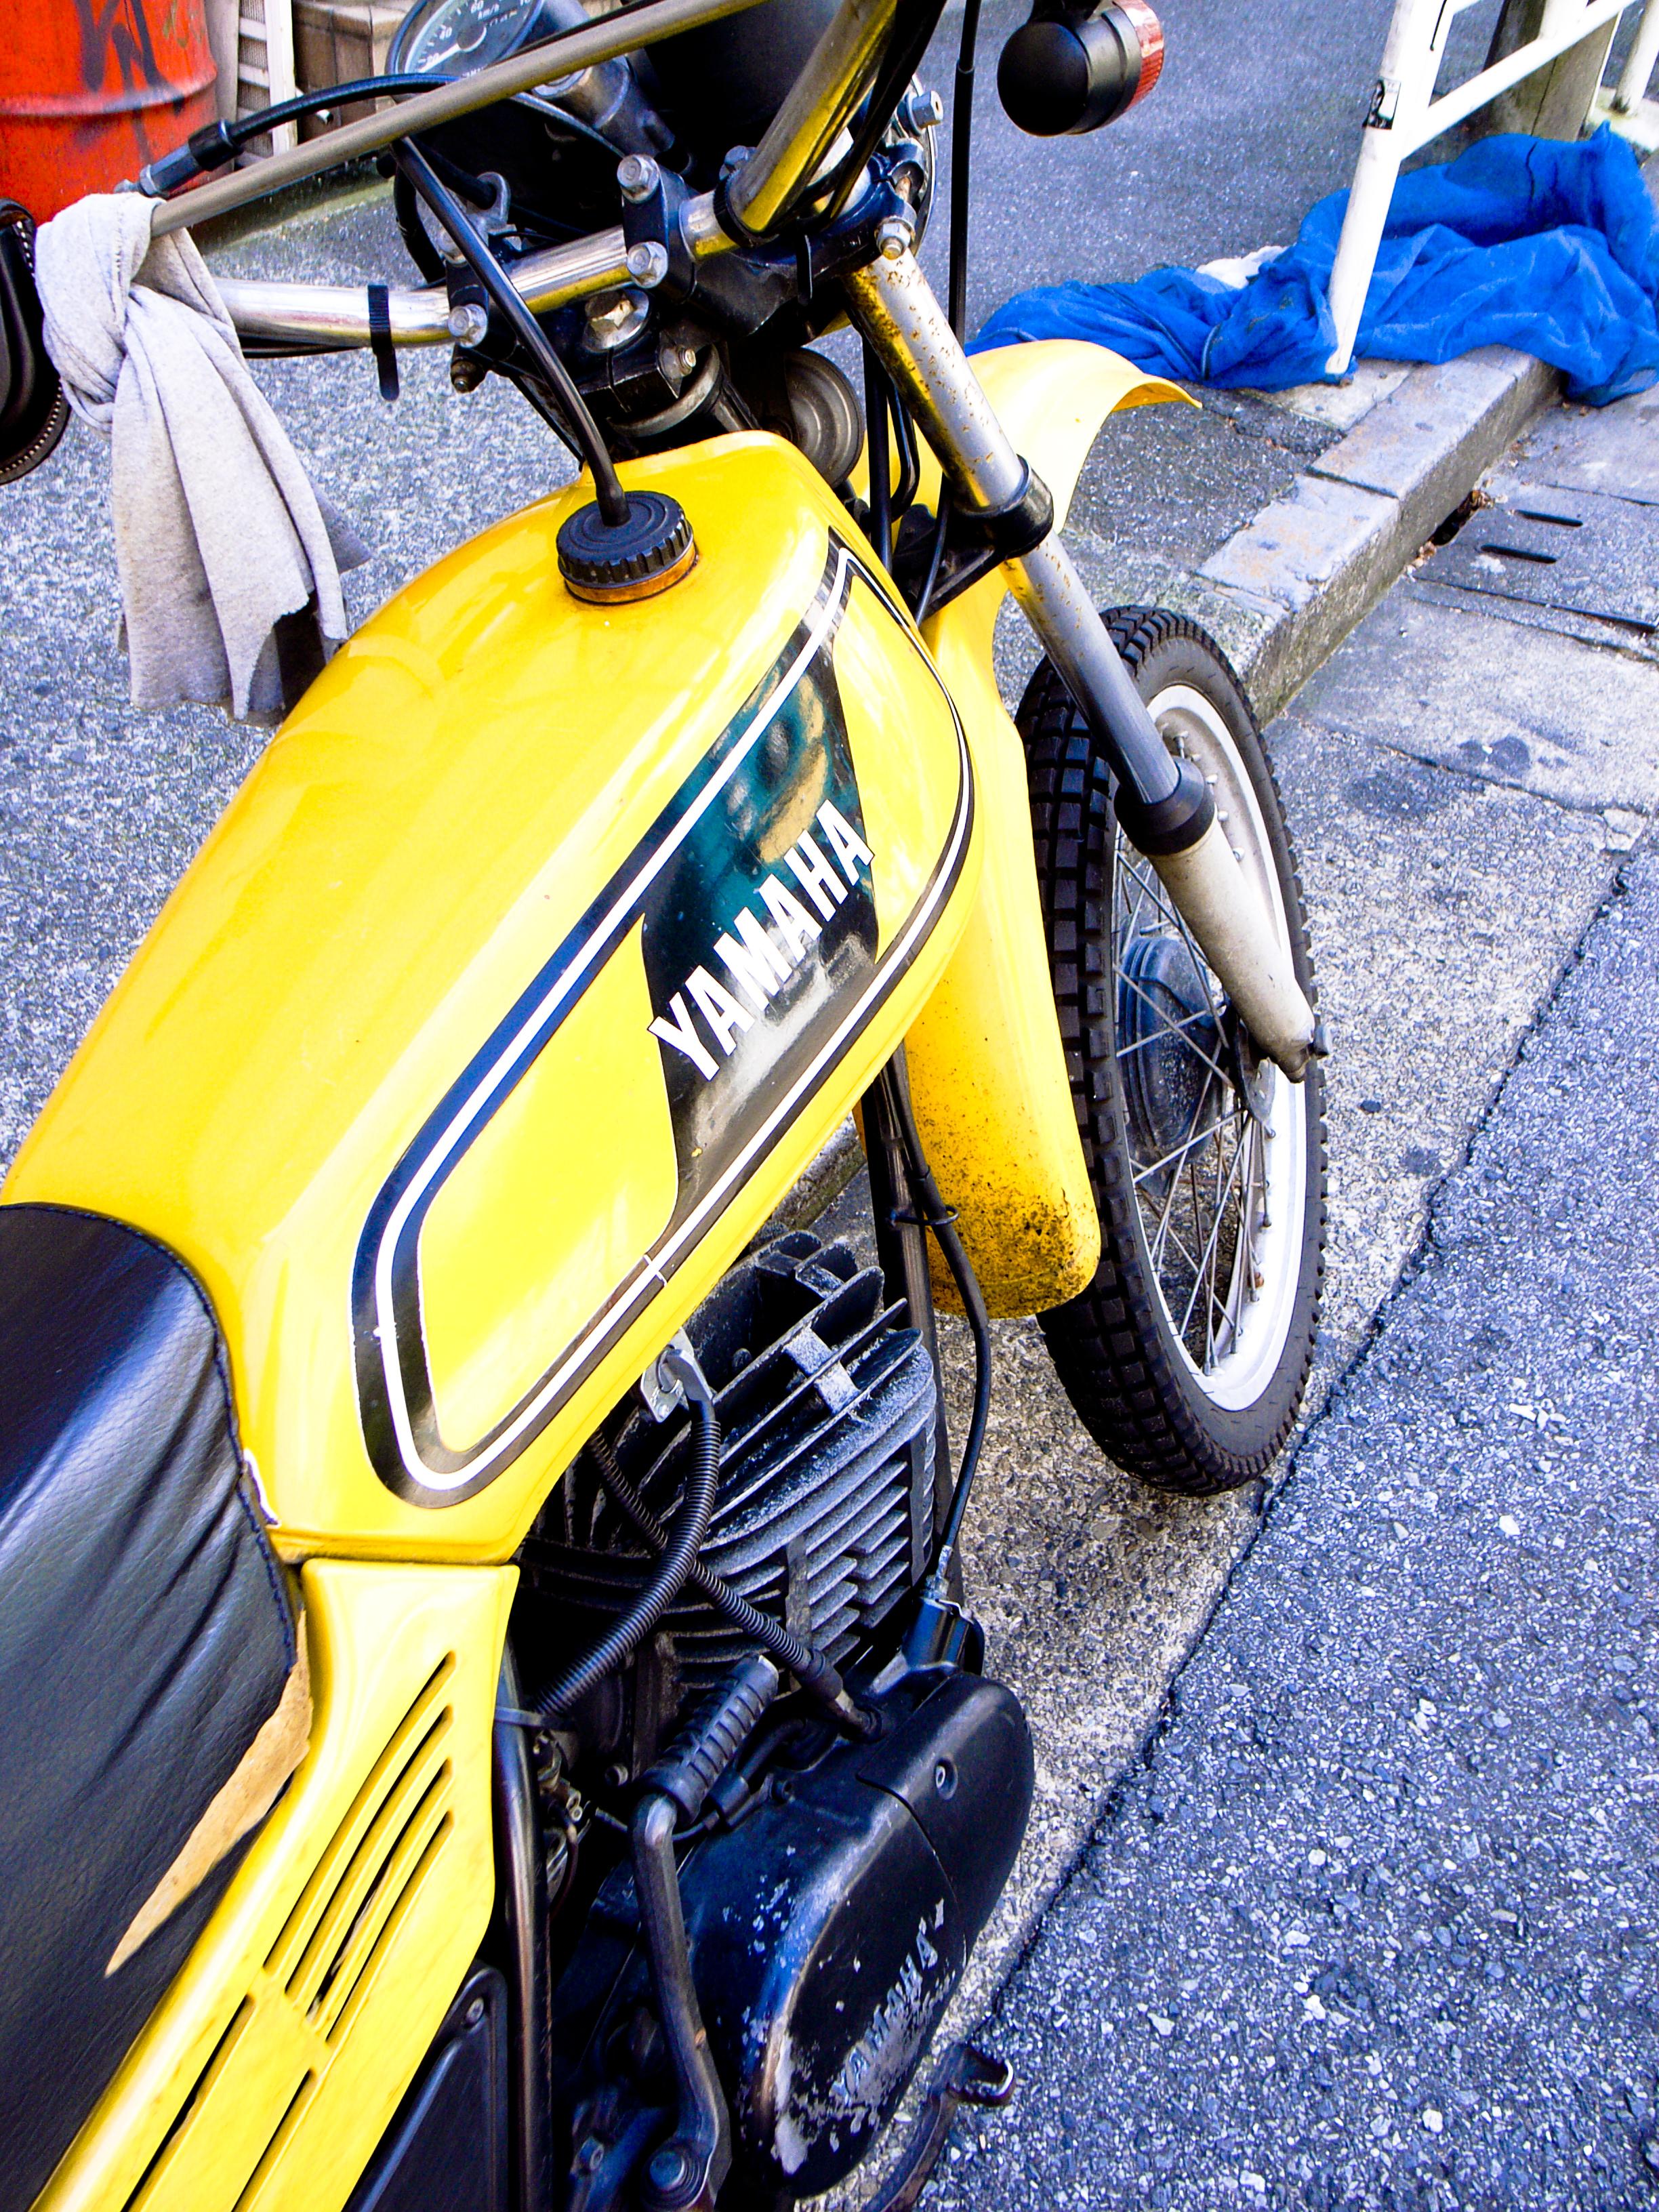 Yamaha Ja   Horm Tweeteresyamaha Ja   Horn Tweeters